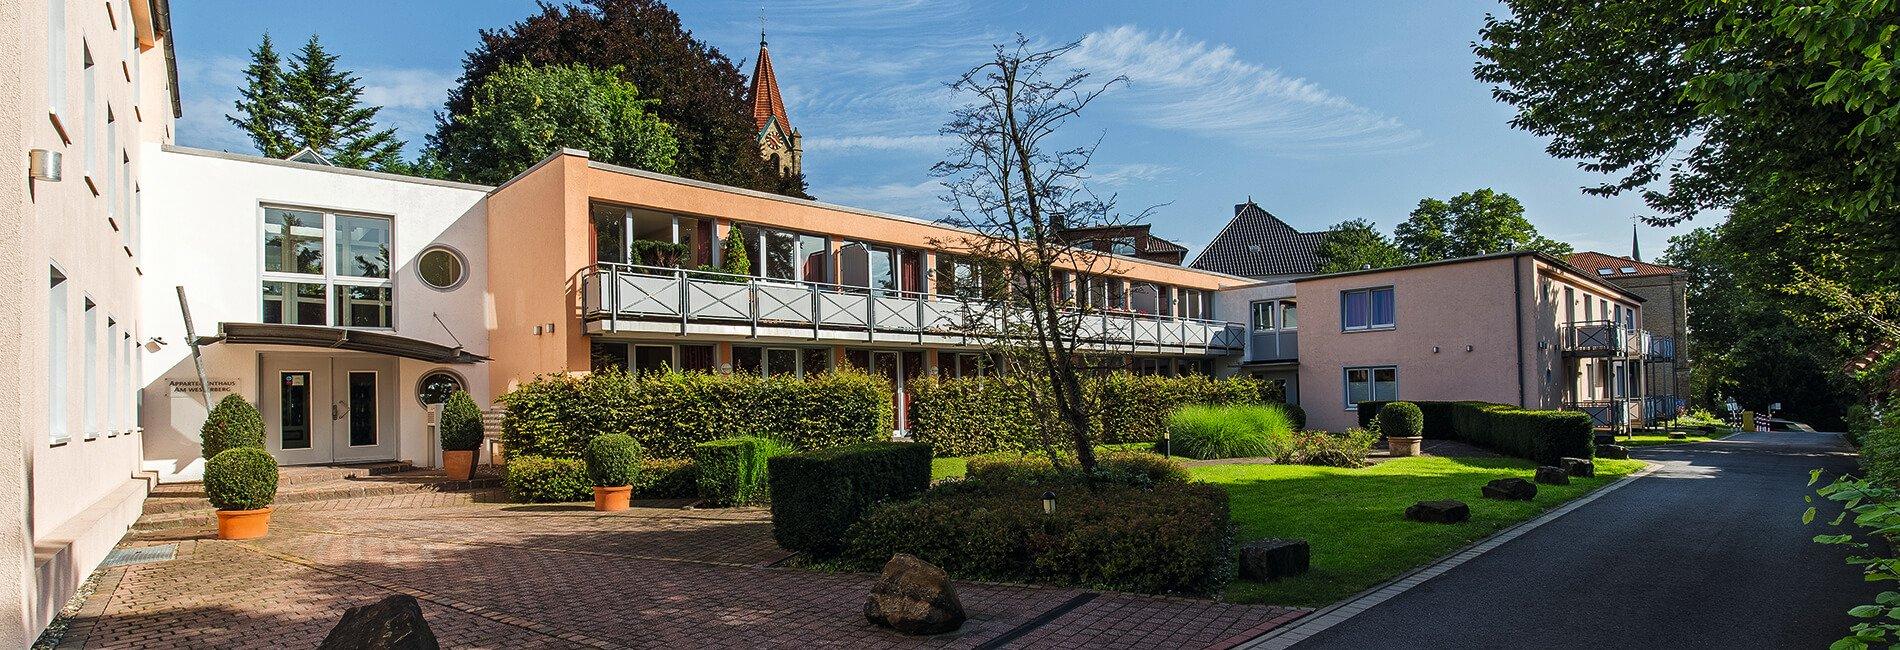 Appartementhaus am Westerberg - Außenansicht